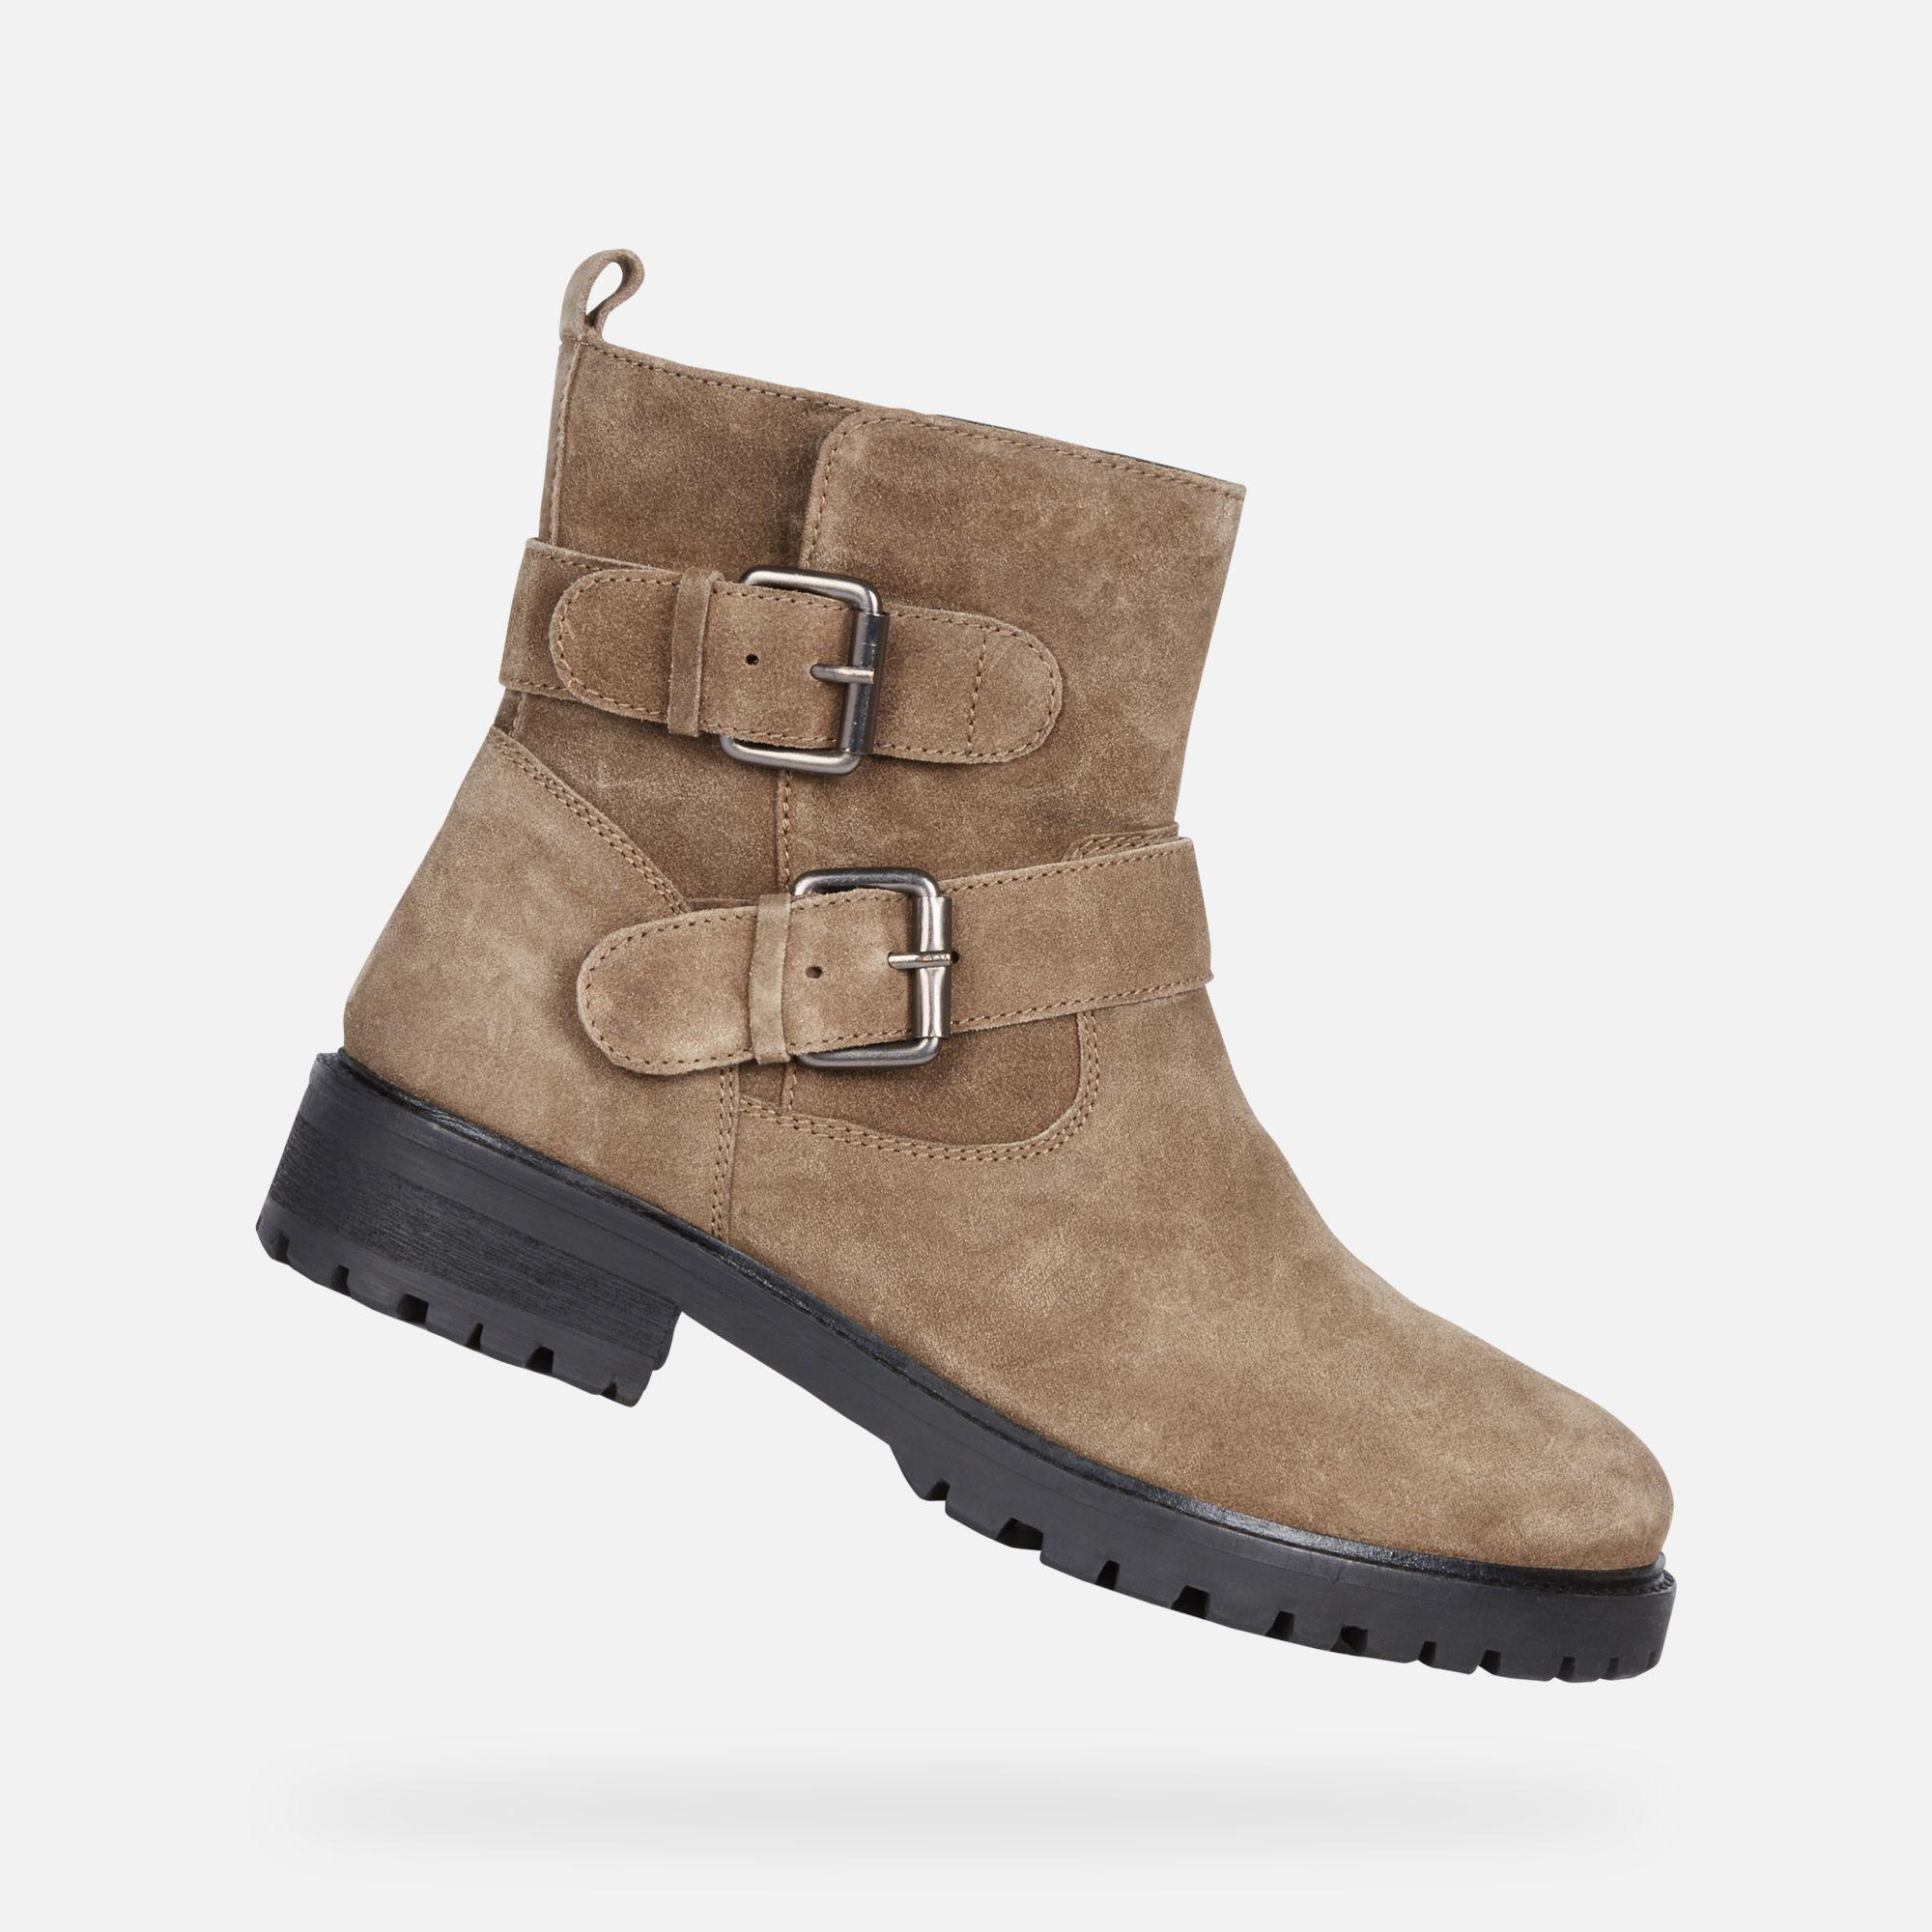 Ojalá Tregua longitud  ❤❤❤Descubre la Colección otoño/invierno en el sitio oficial Geox. HOARA  Mujer Botas Tabaco est‡n disponib…   Modelos de zapatos, Botas zapatos,  Botas mujer invierno